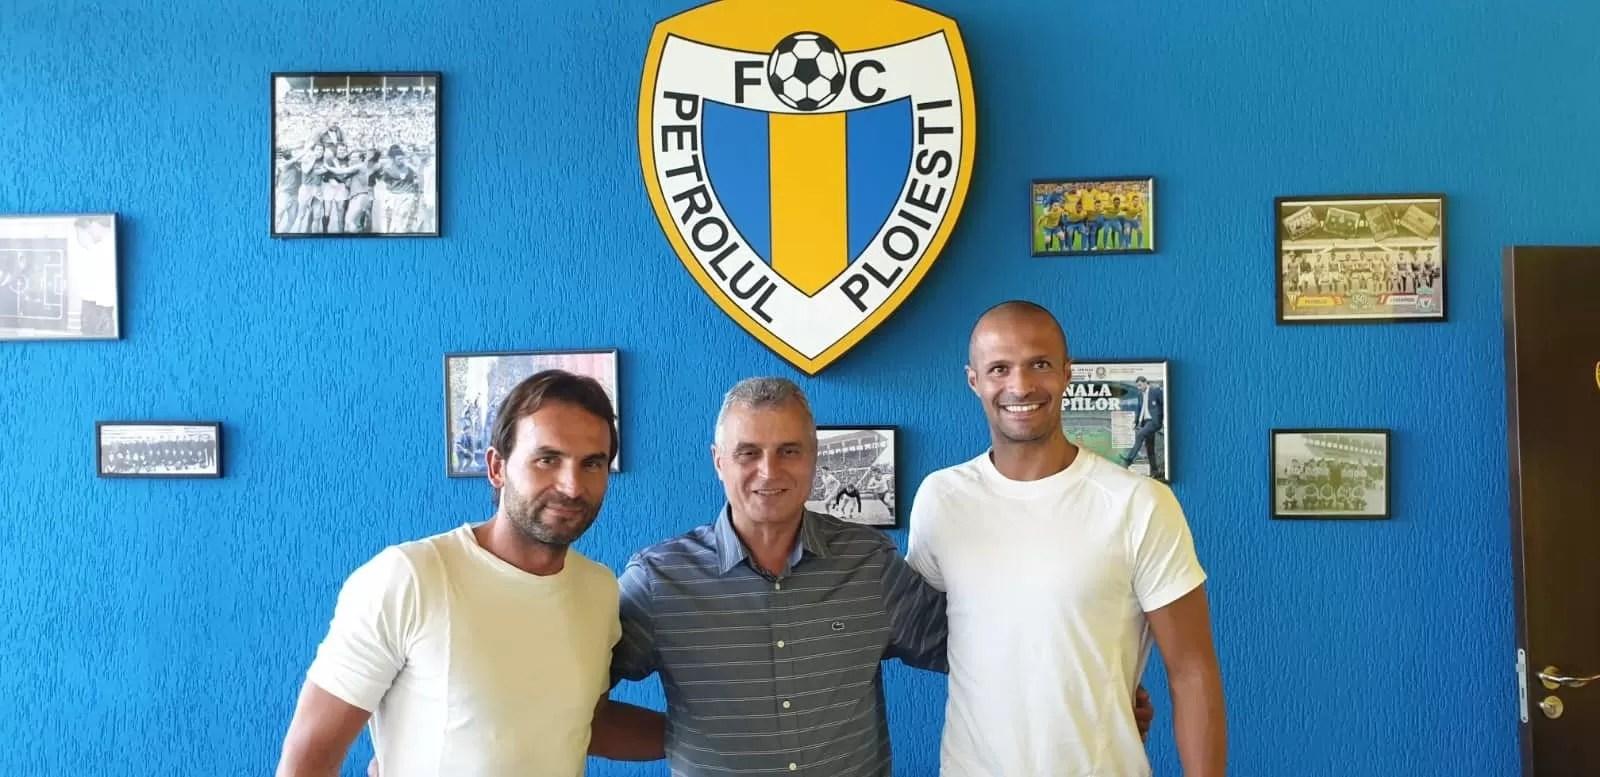 O propunere pentru partenerul finanțator, Veolia România, și conducerea Petrolului: numirea lui Geraldo Alves într-o funcție la clubul la care a cunoscut performanțe onorante!